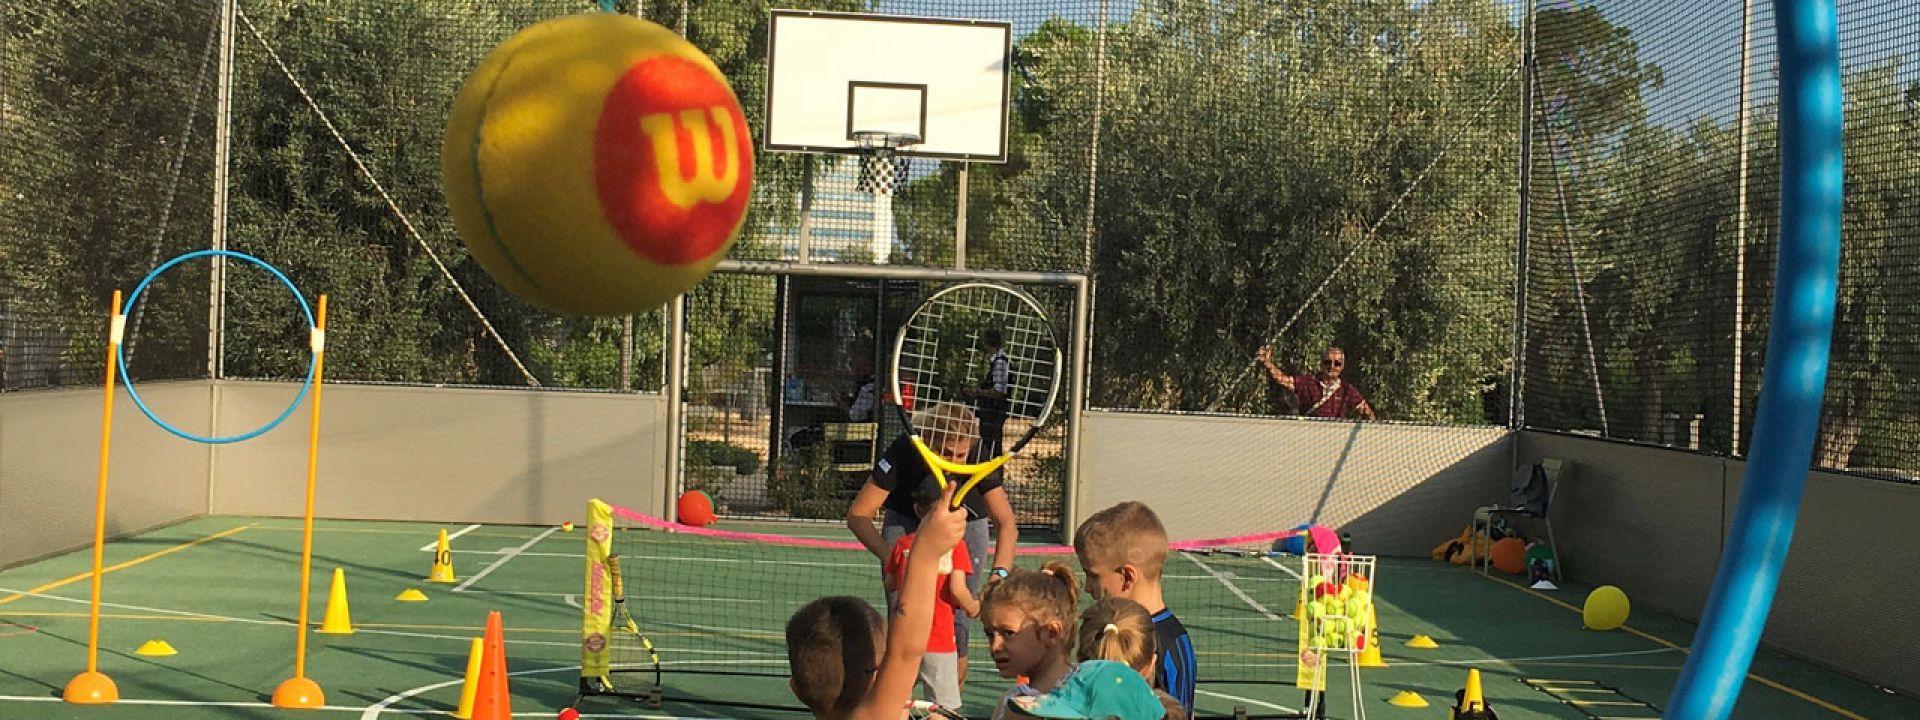 Φωτογραφία από παιδιά που παίζουν mini tennis σε ειδικά διαμορφωμένο γήπεδο του ΚΠΙΣΝ